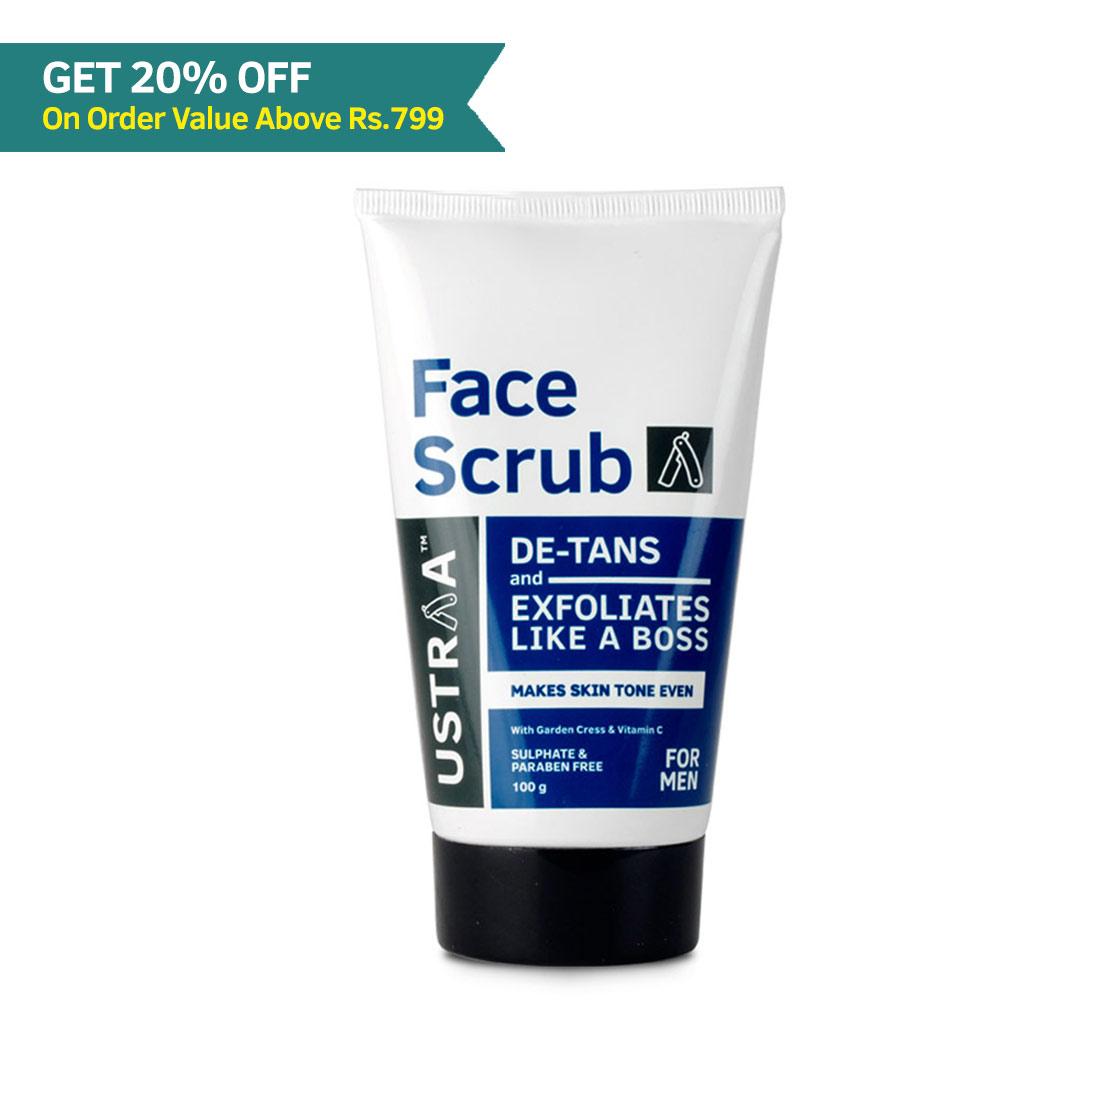 Face Scrub for de-Tan - 100g